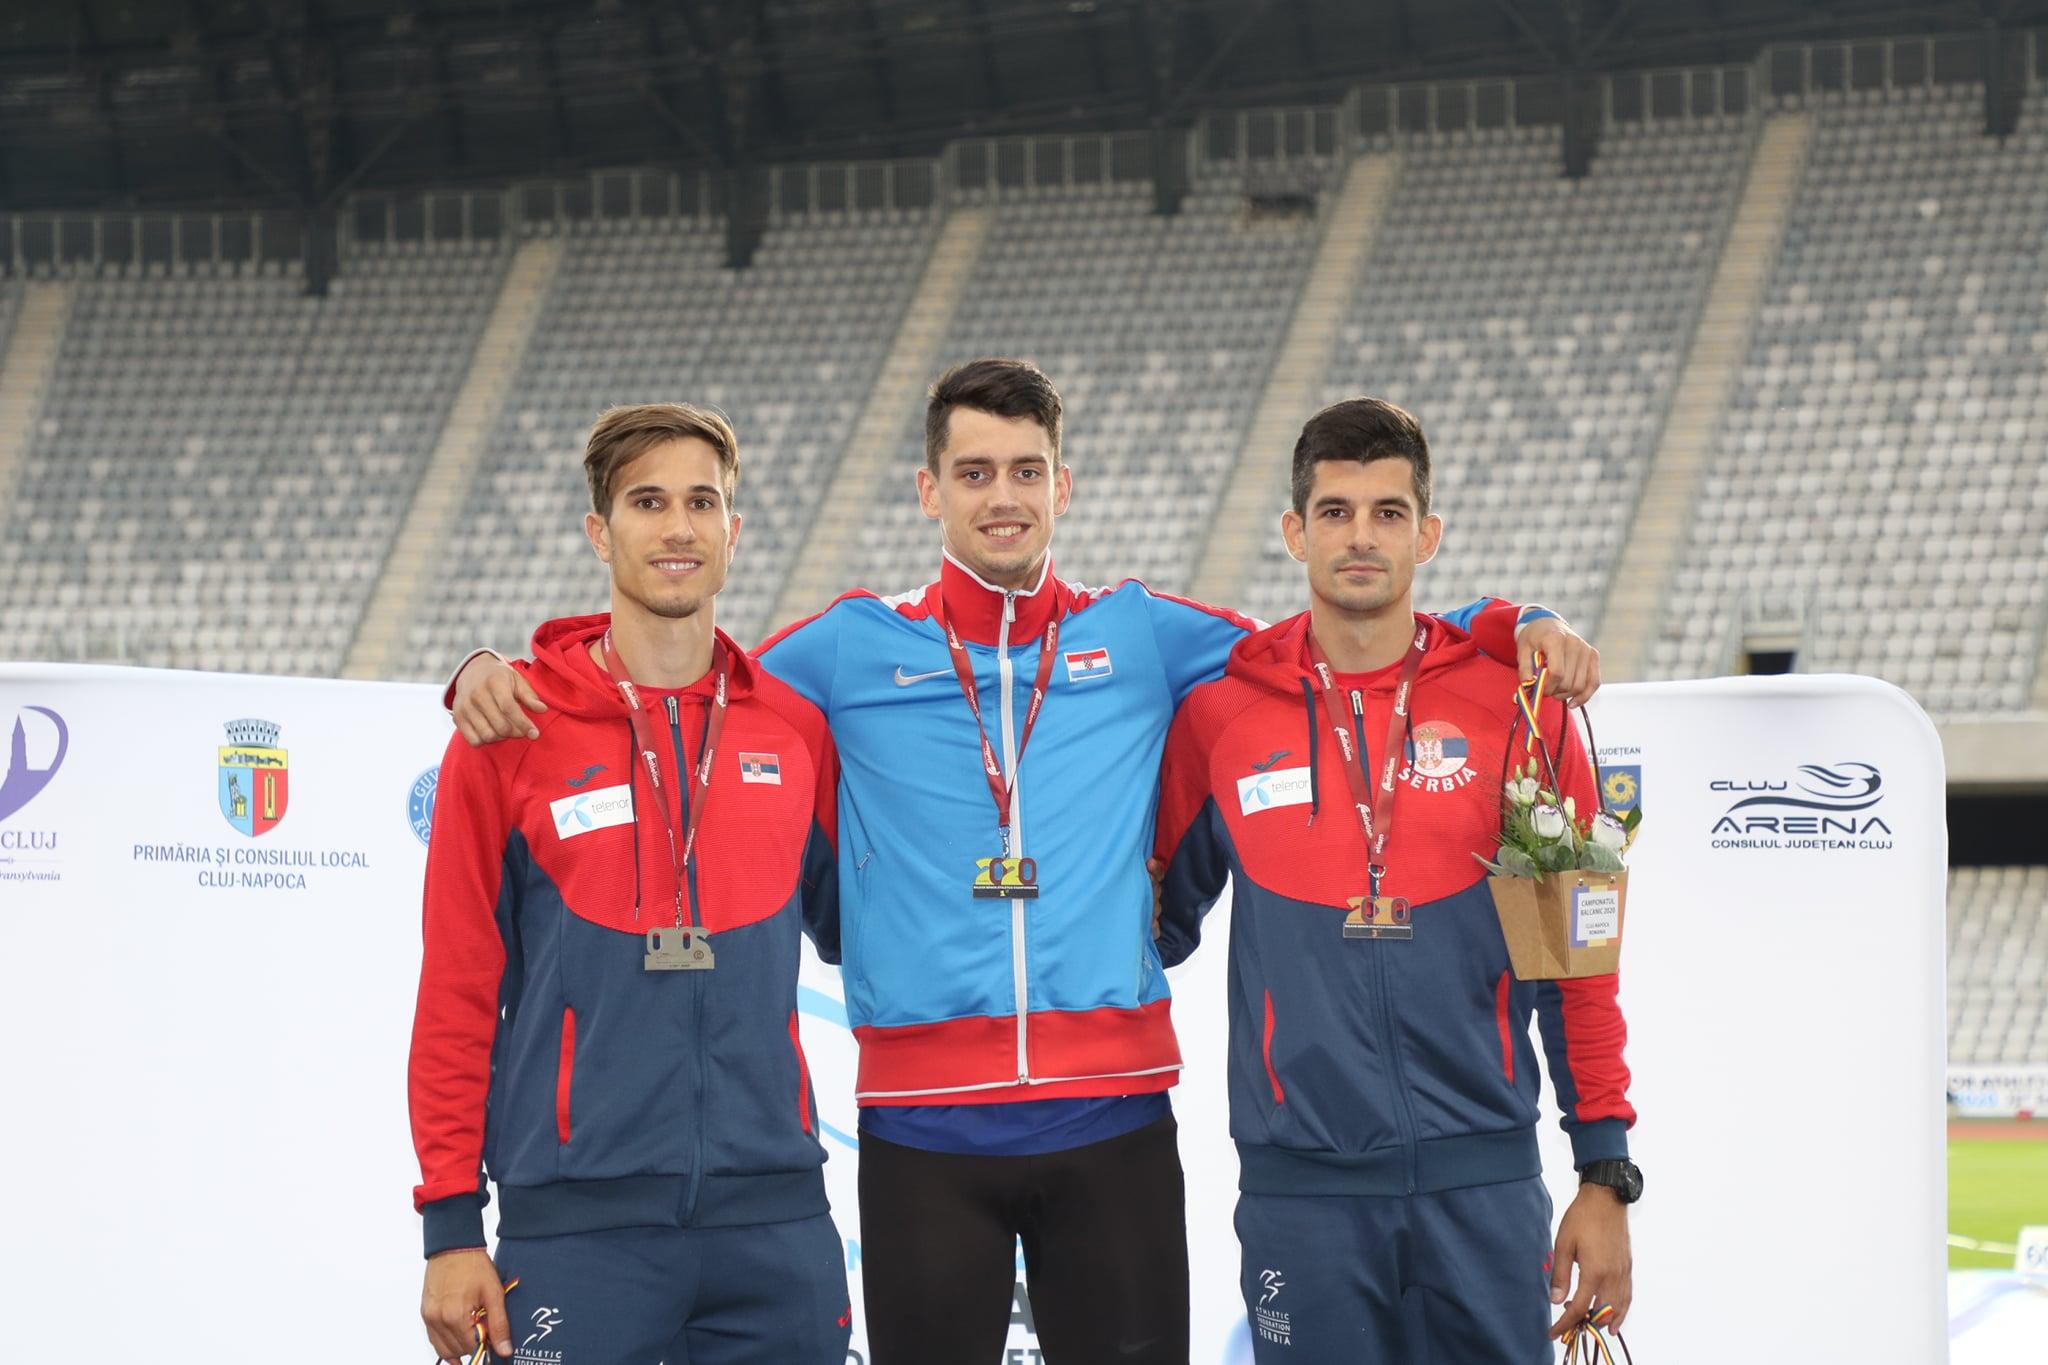 Strahinja Jovančević i Lazar Anić, srebrna i bronzana medalja skok udalj, Balkanijada 2020